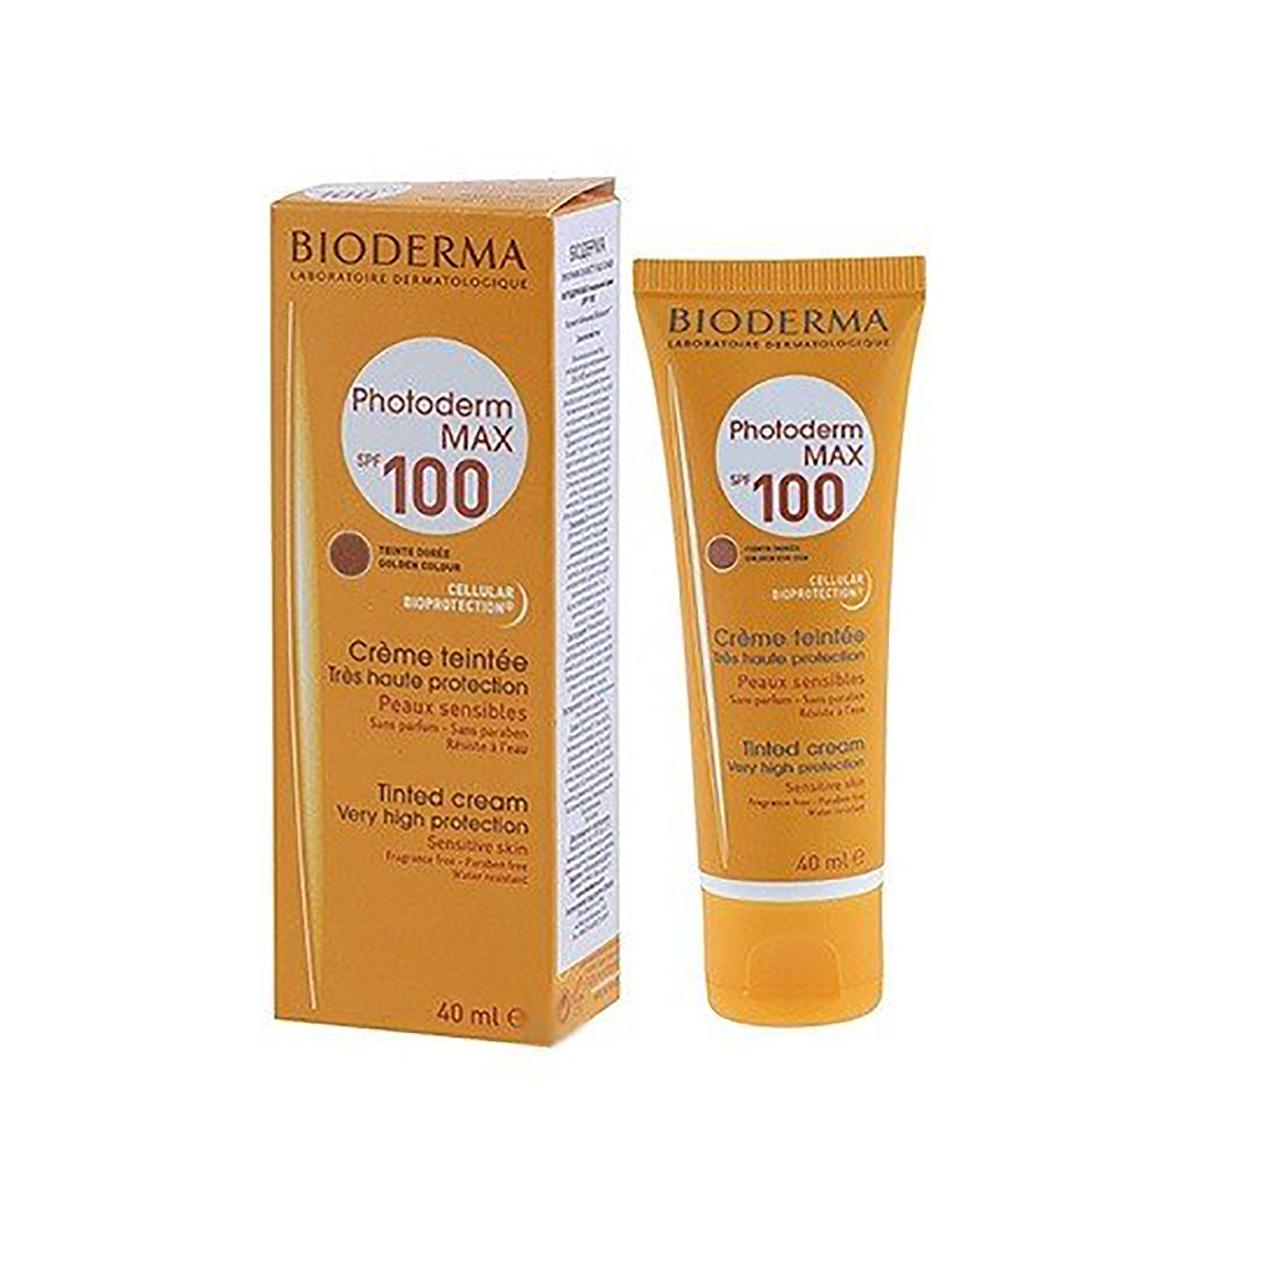 قیمت کرم ضد آفتاب بایودرما مدل Photoderm Max 100 Golden Tinted حجم 40 میلی لیتر